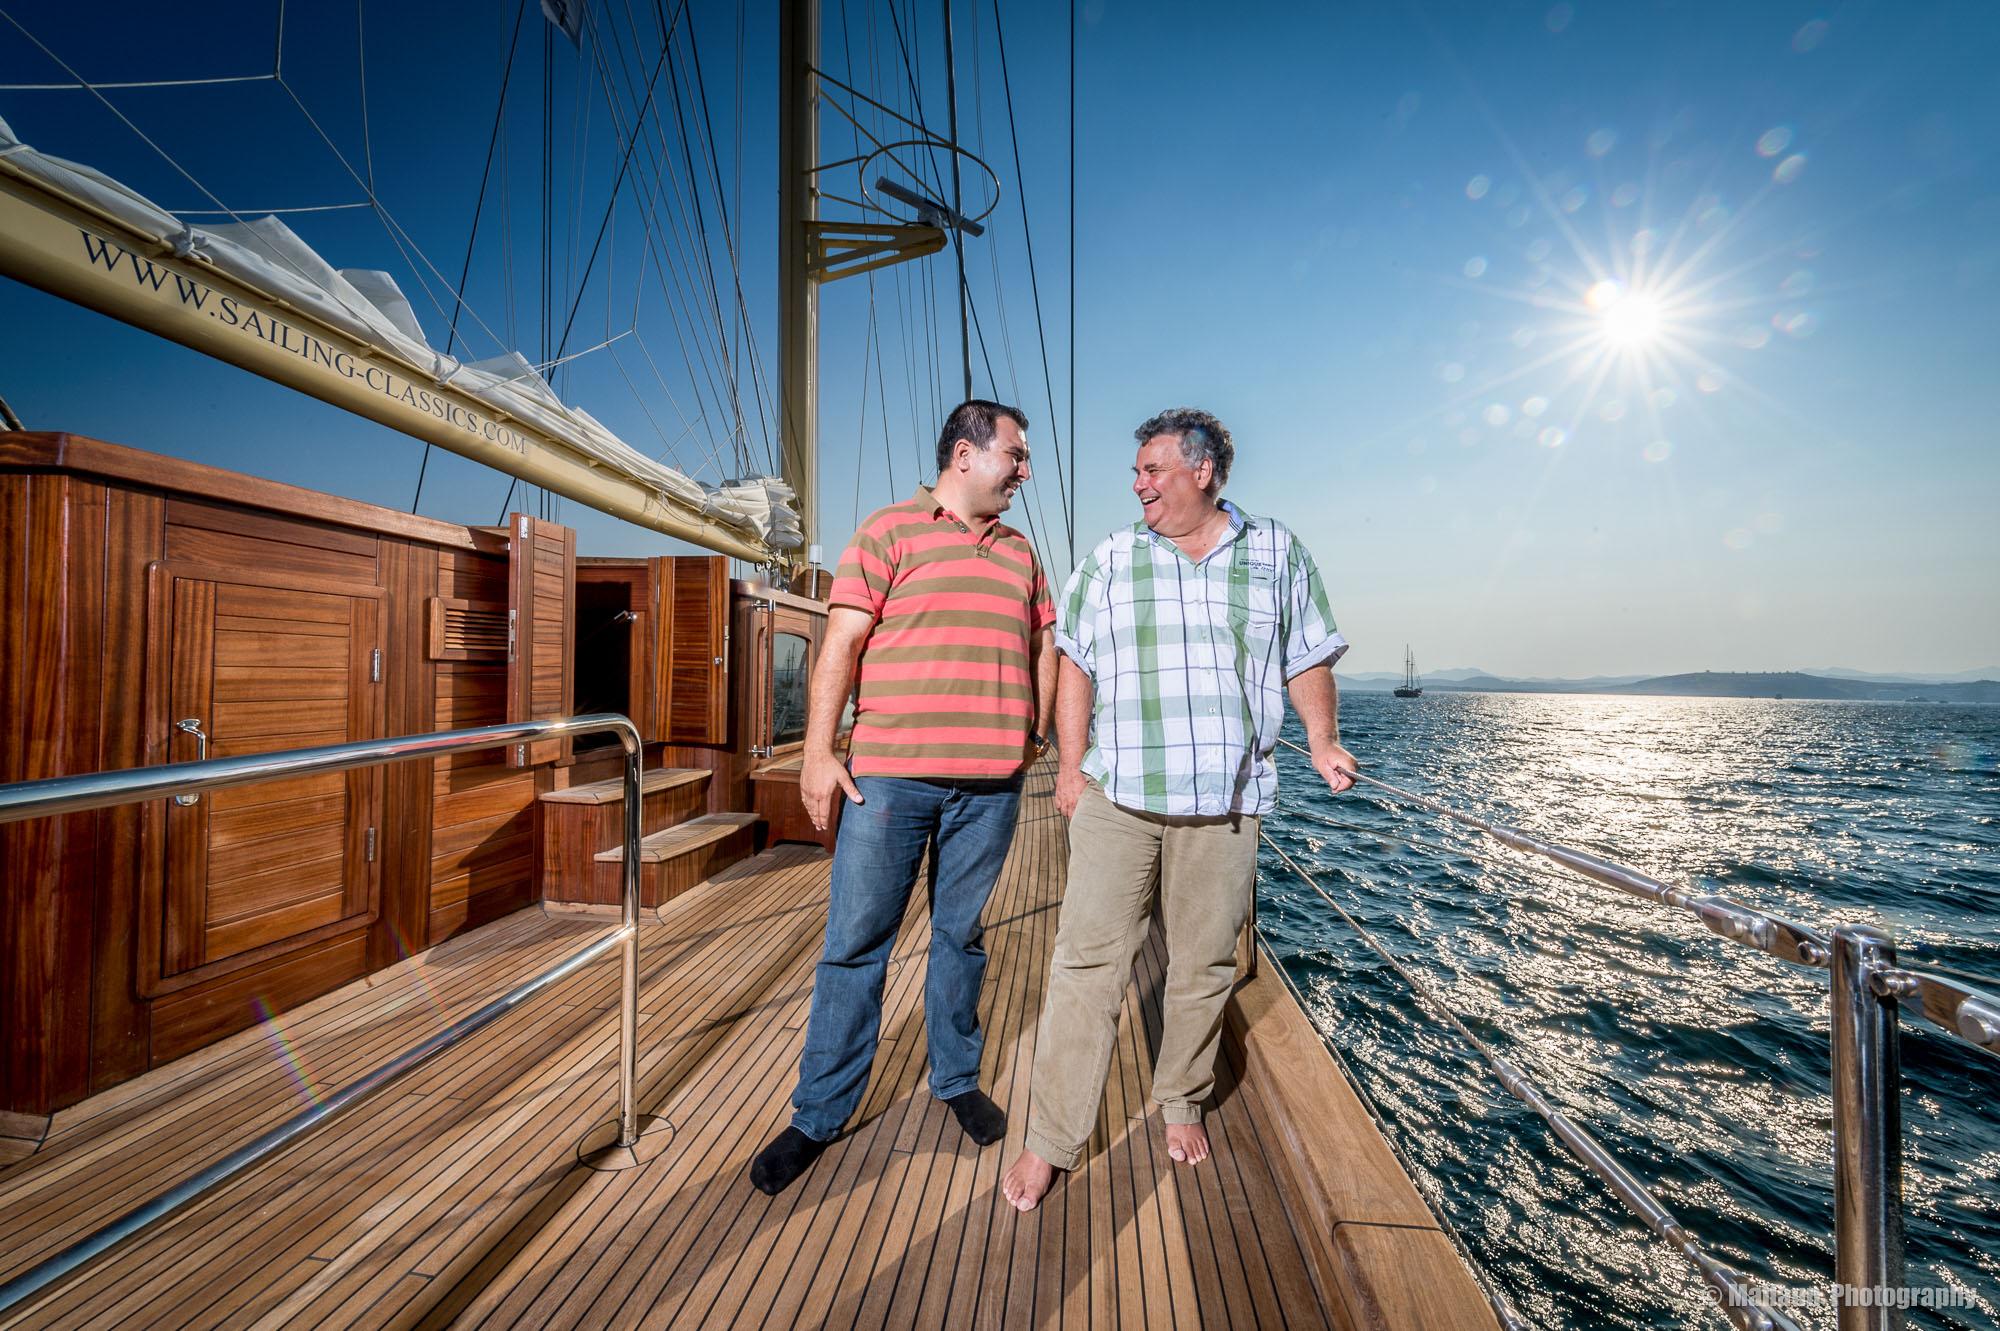 AyberkApaydın von Art Yat und Andreas Steidl-Sailers von Sailing Classics © Mallaun Photography